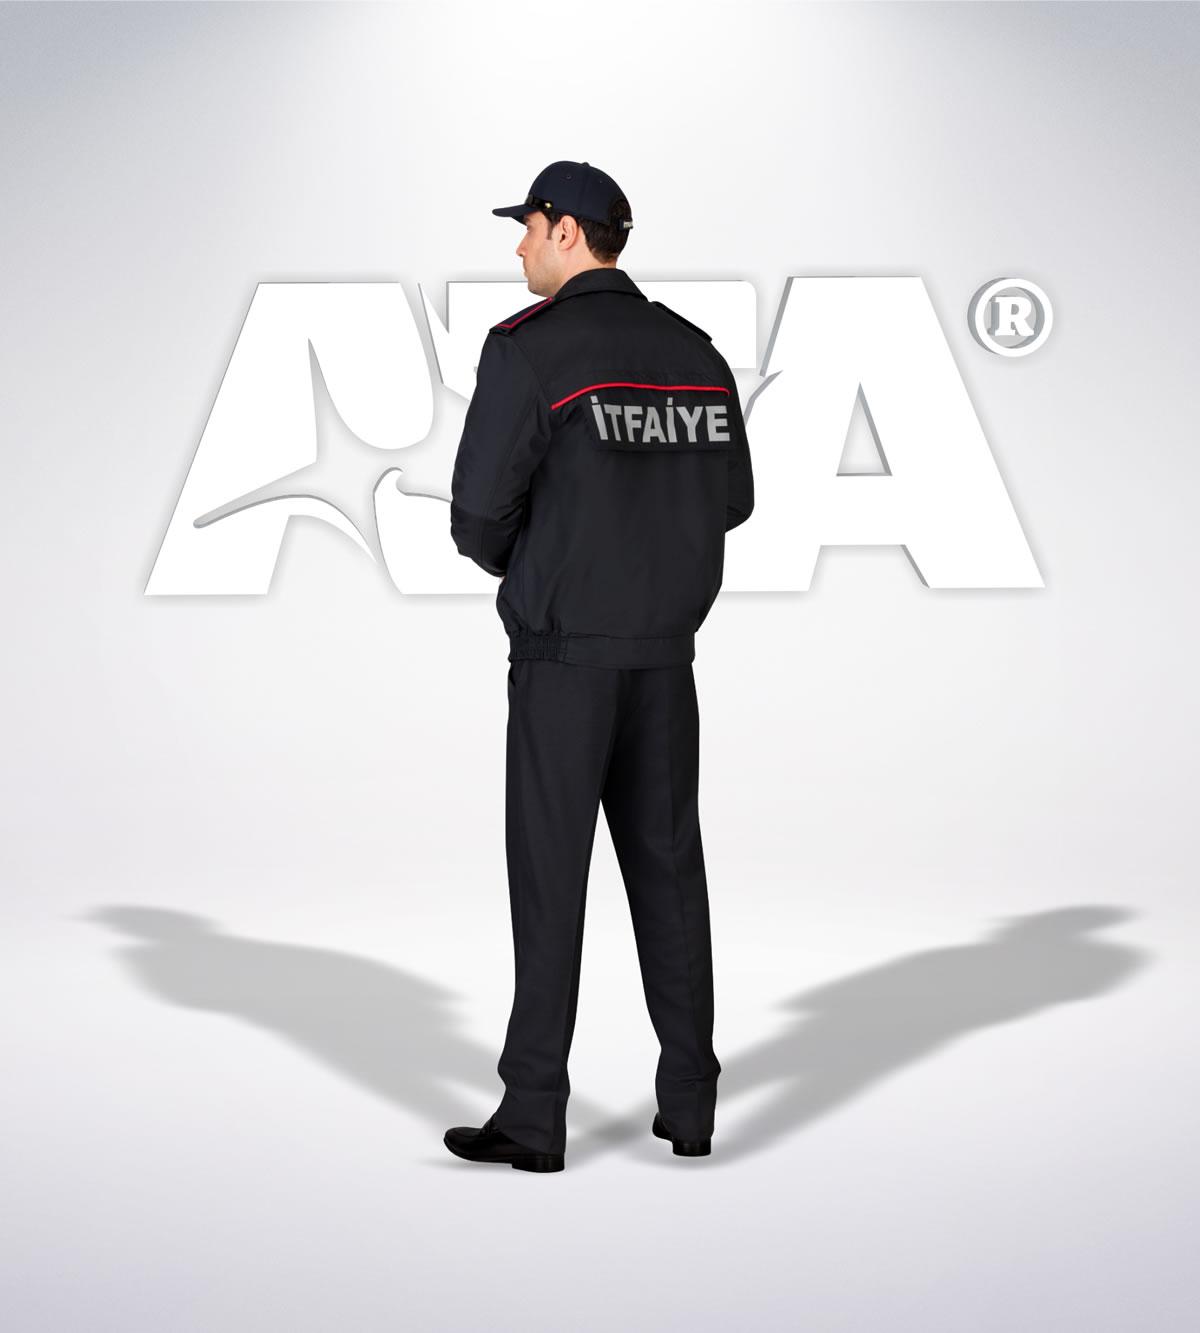 ATA 311 - arka - Pantolon kışlık -mont-reflektör-aksesuar - itfaiye elbiseleri | itfaiye üniformaları | itfaiye kıyafetleri